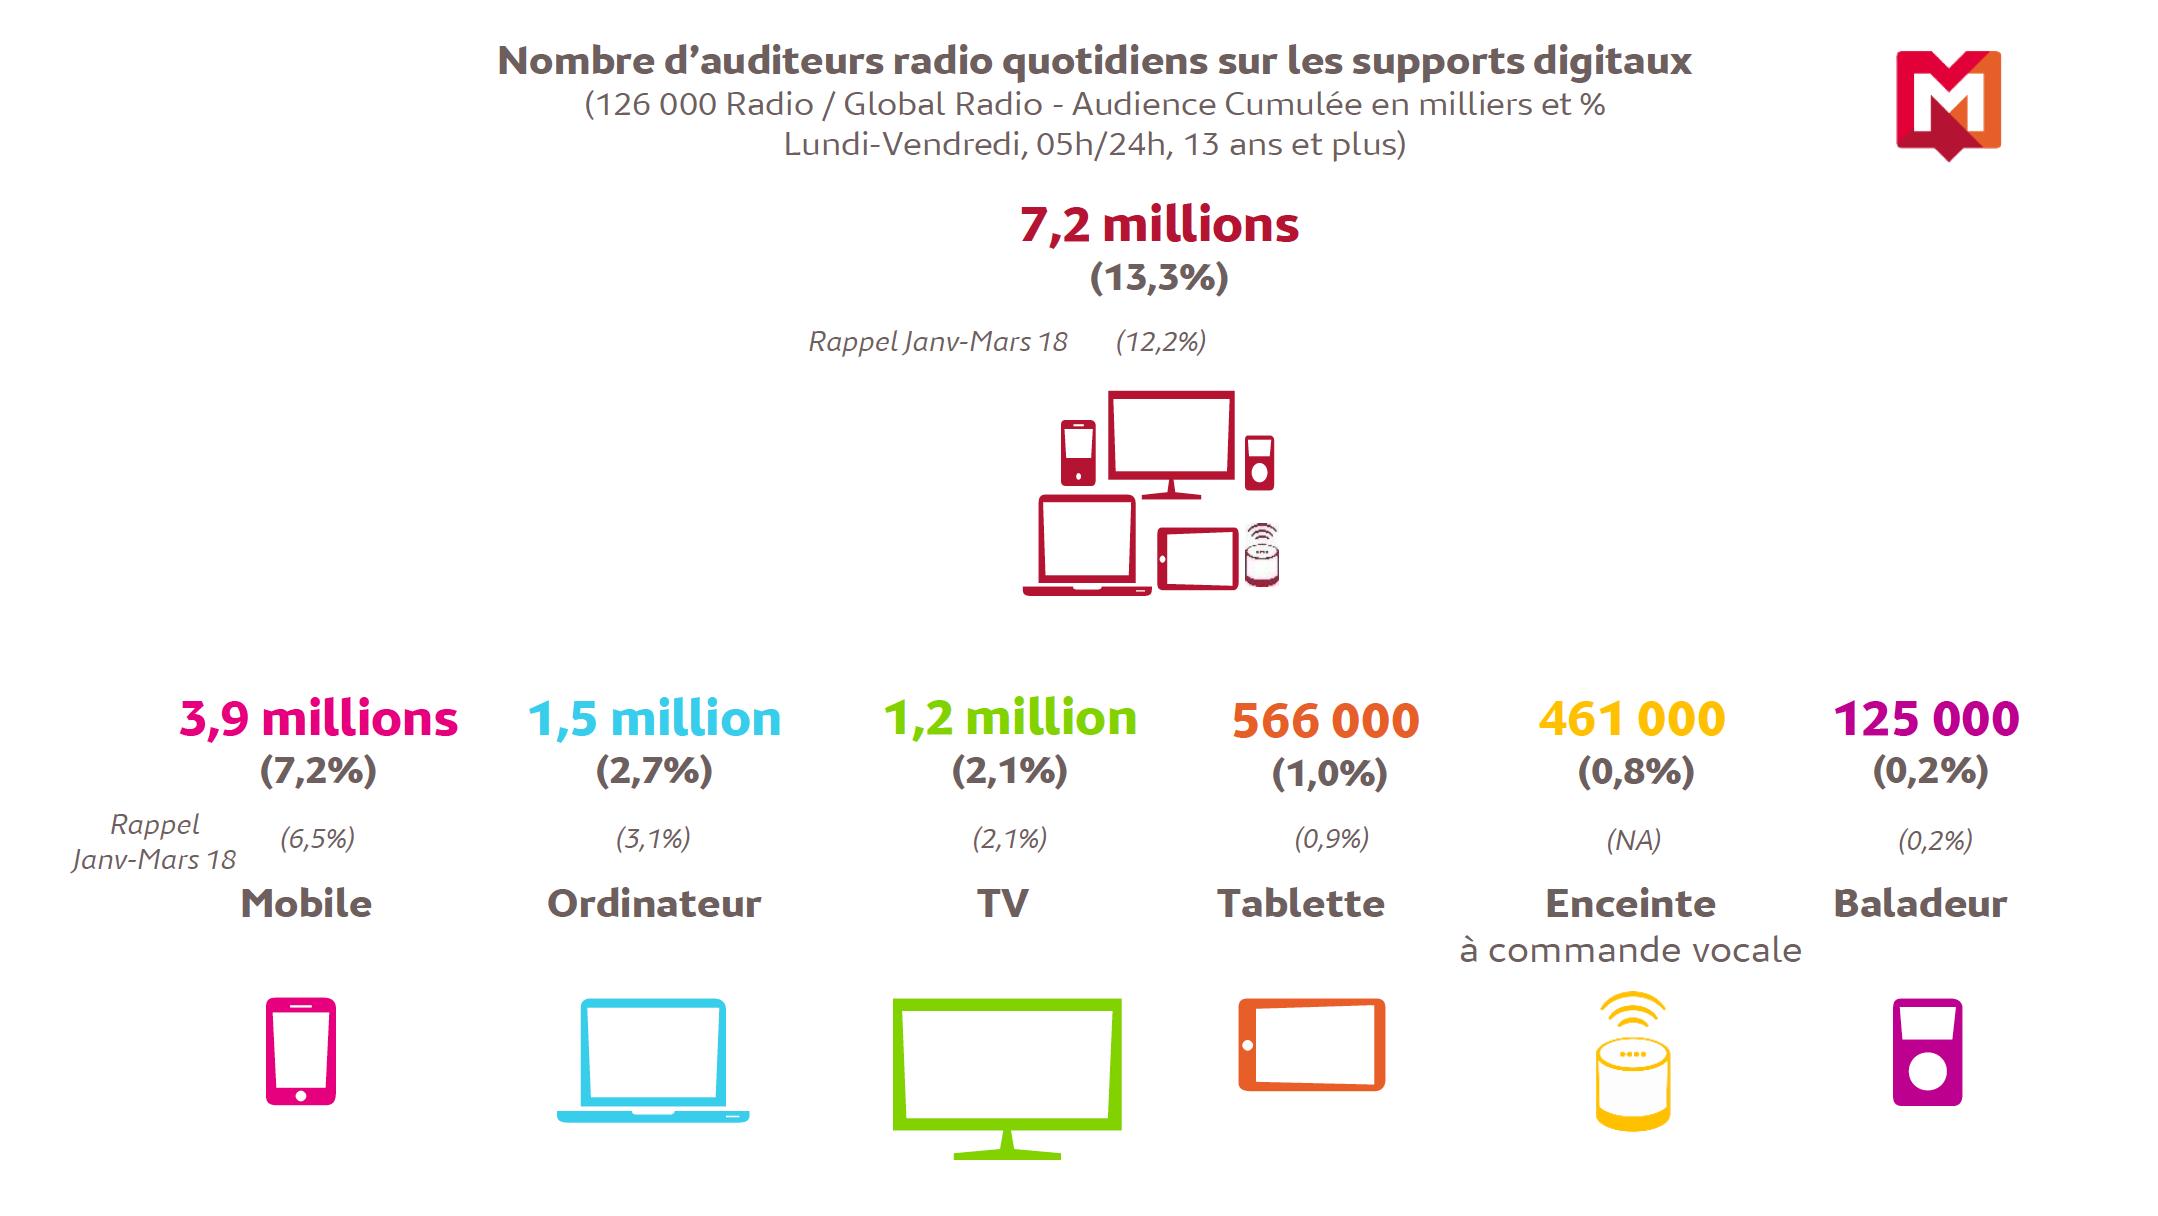 Source : Médiamétrie 126 000 Radio / Global Radio janvier mars 2019 Copyright Médiamétrie Tous droits réservés